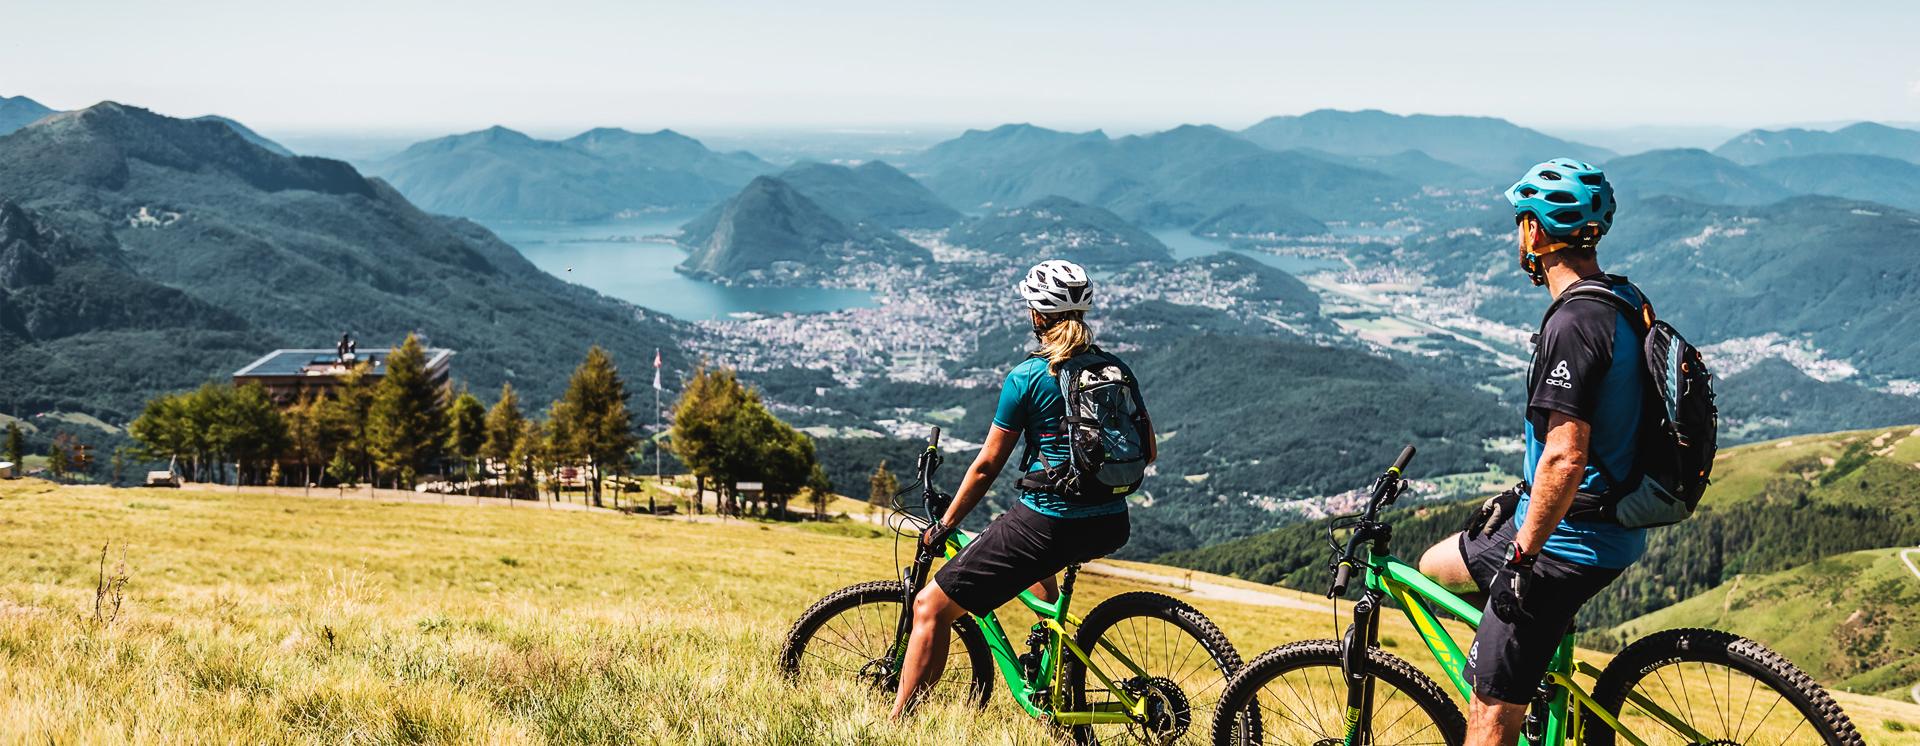 Cycling & Mountainbiking in Summer